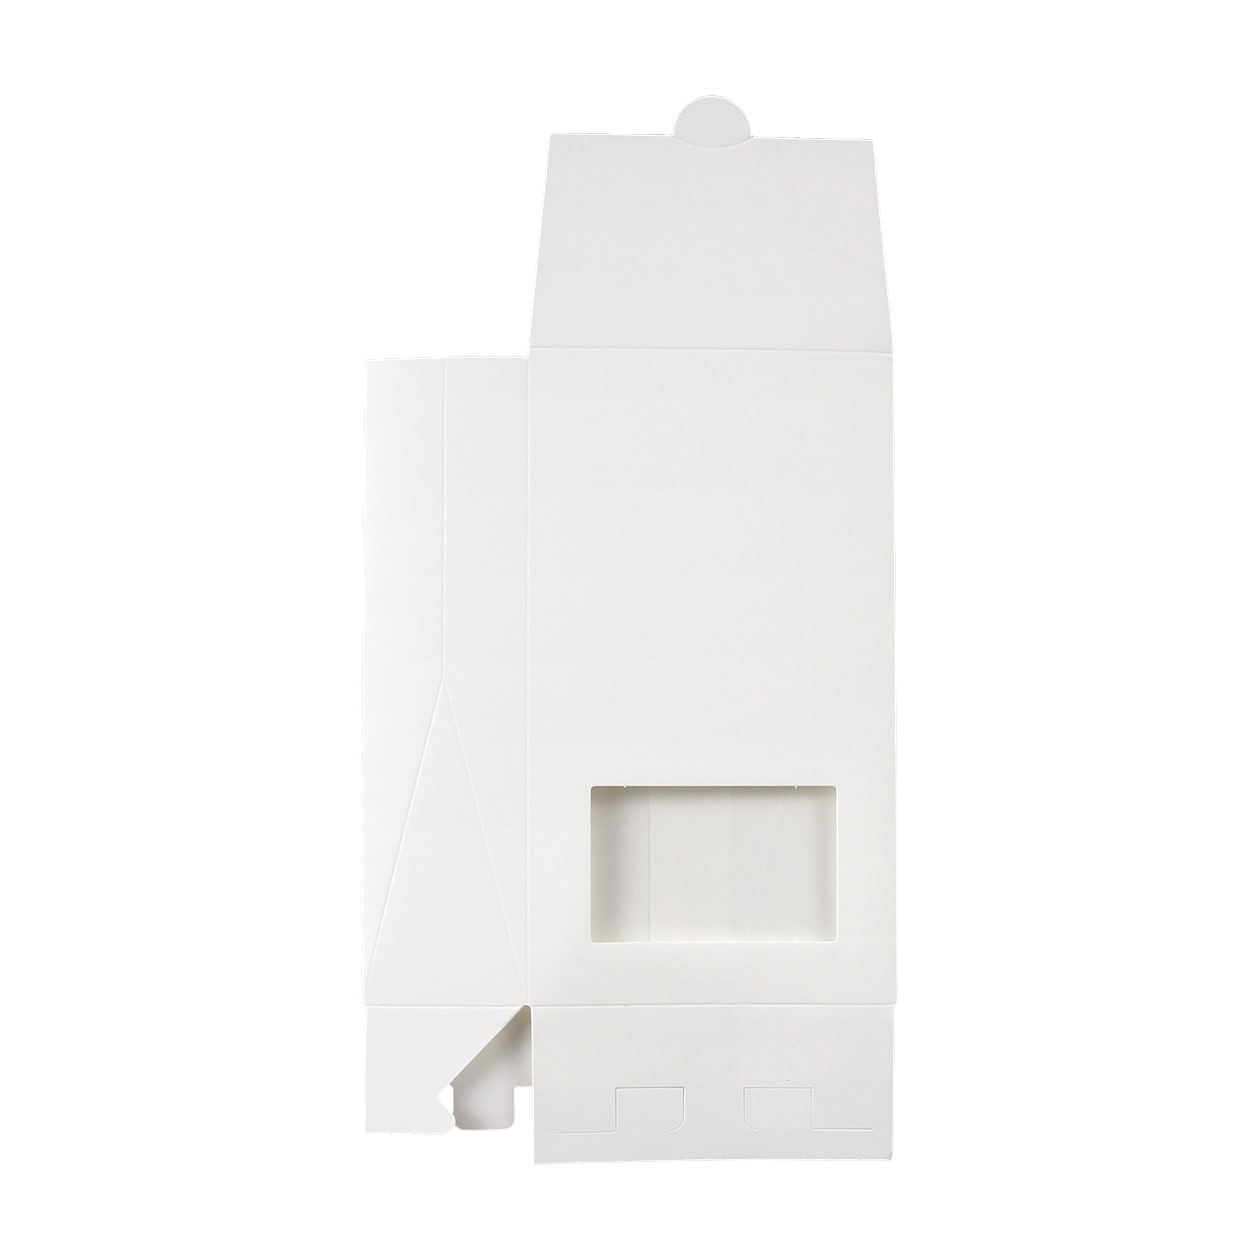 角底箱ロック式90×160×40 窓付 コットン スノーホワイト 232.8g